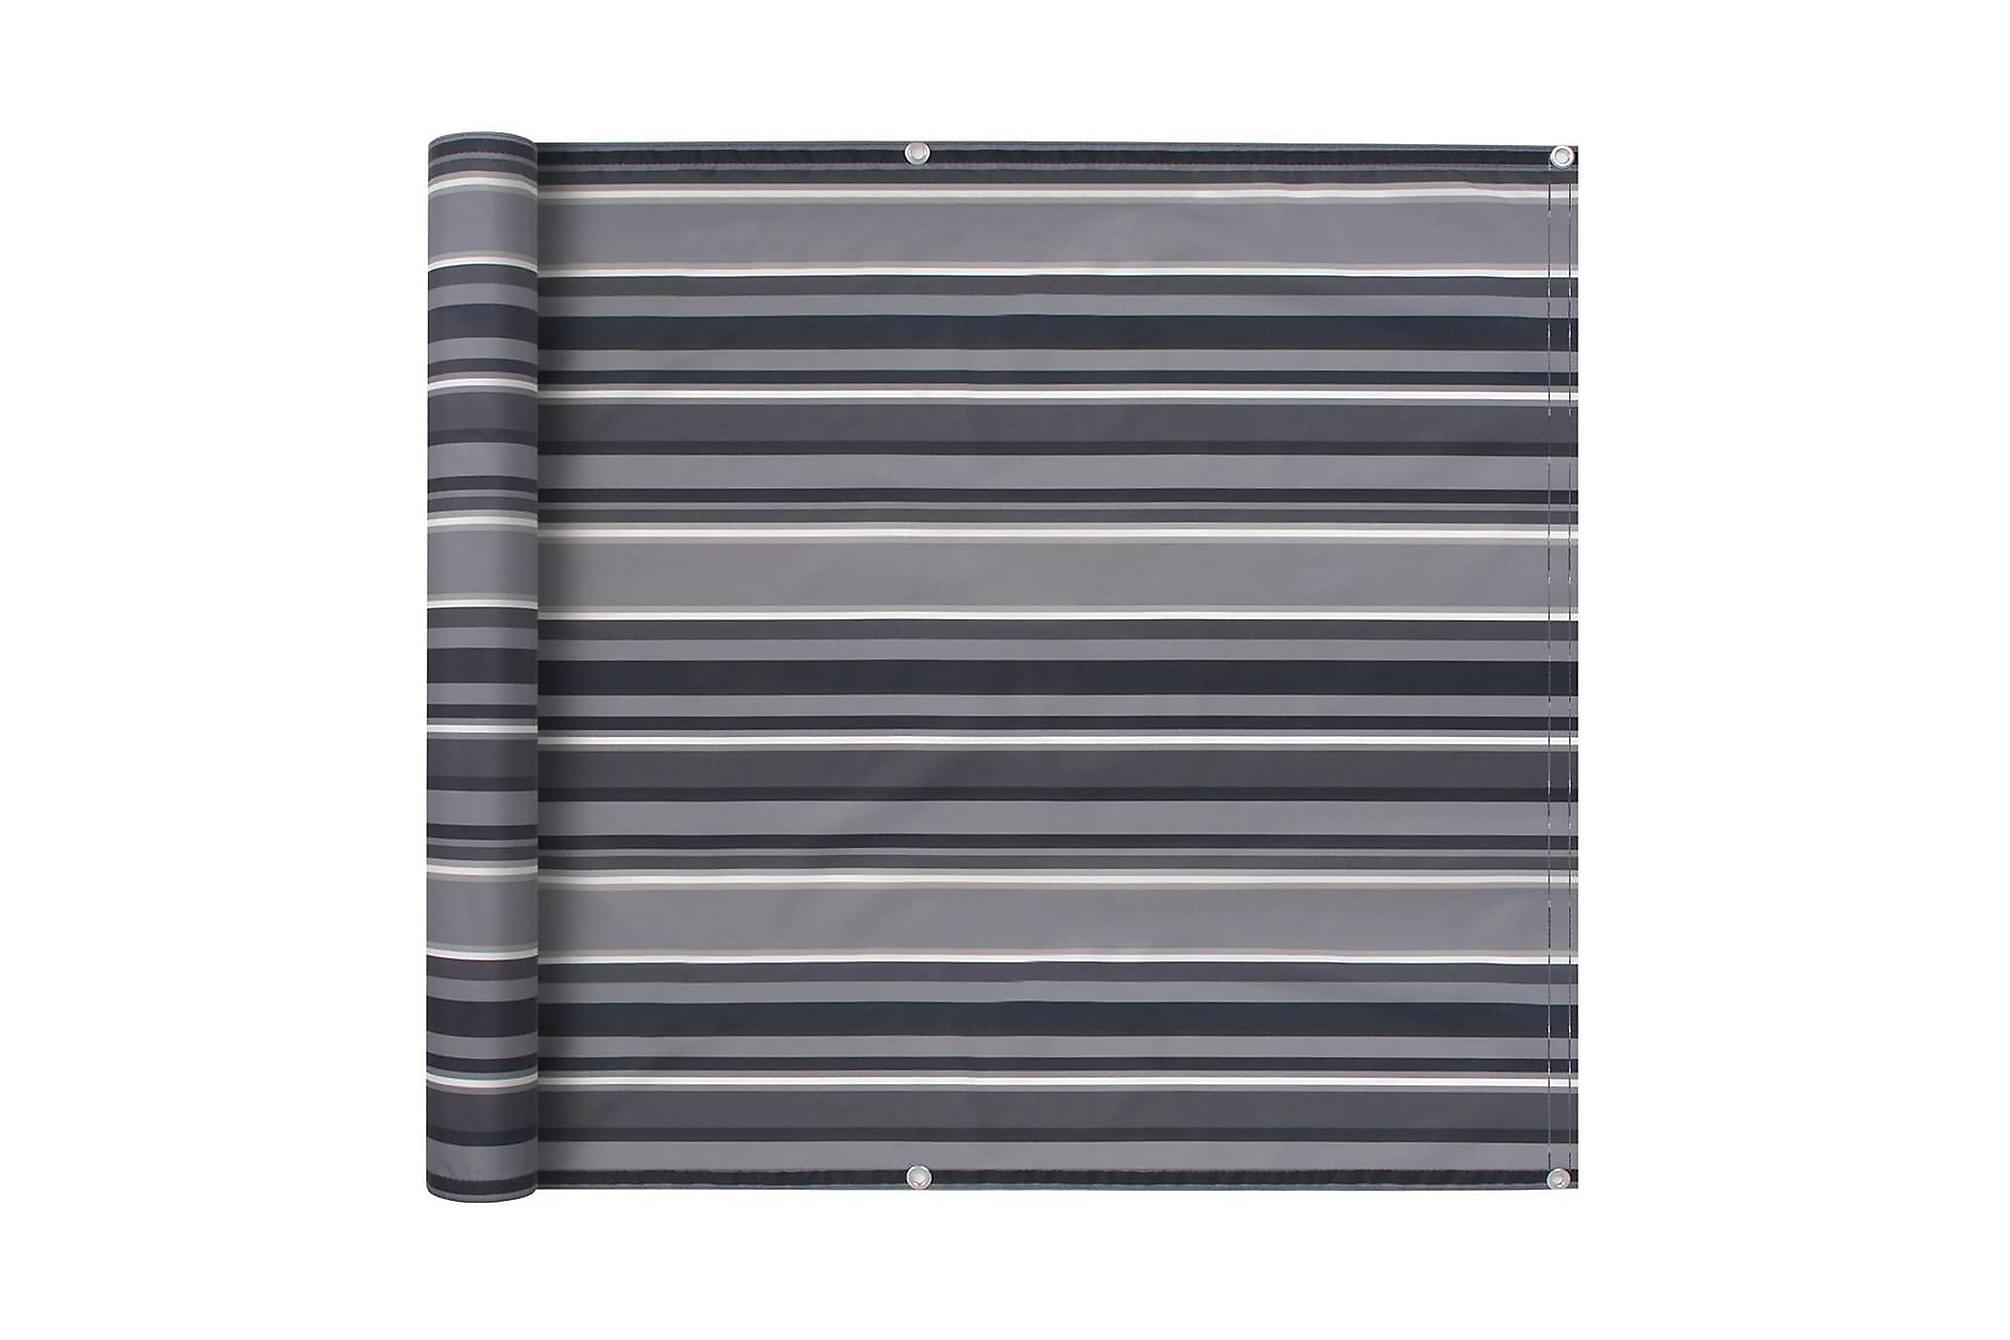 Balkongskärm oxfordtyg 90x600 cm randig grå, Solskydd